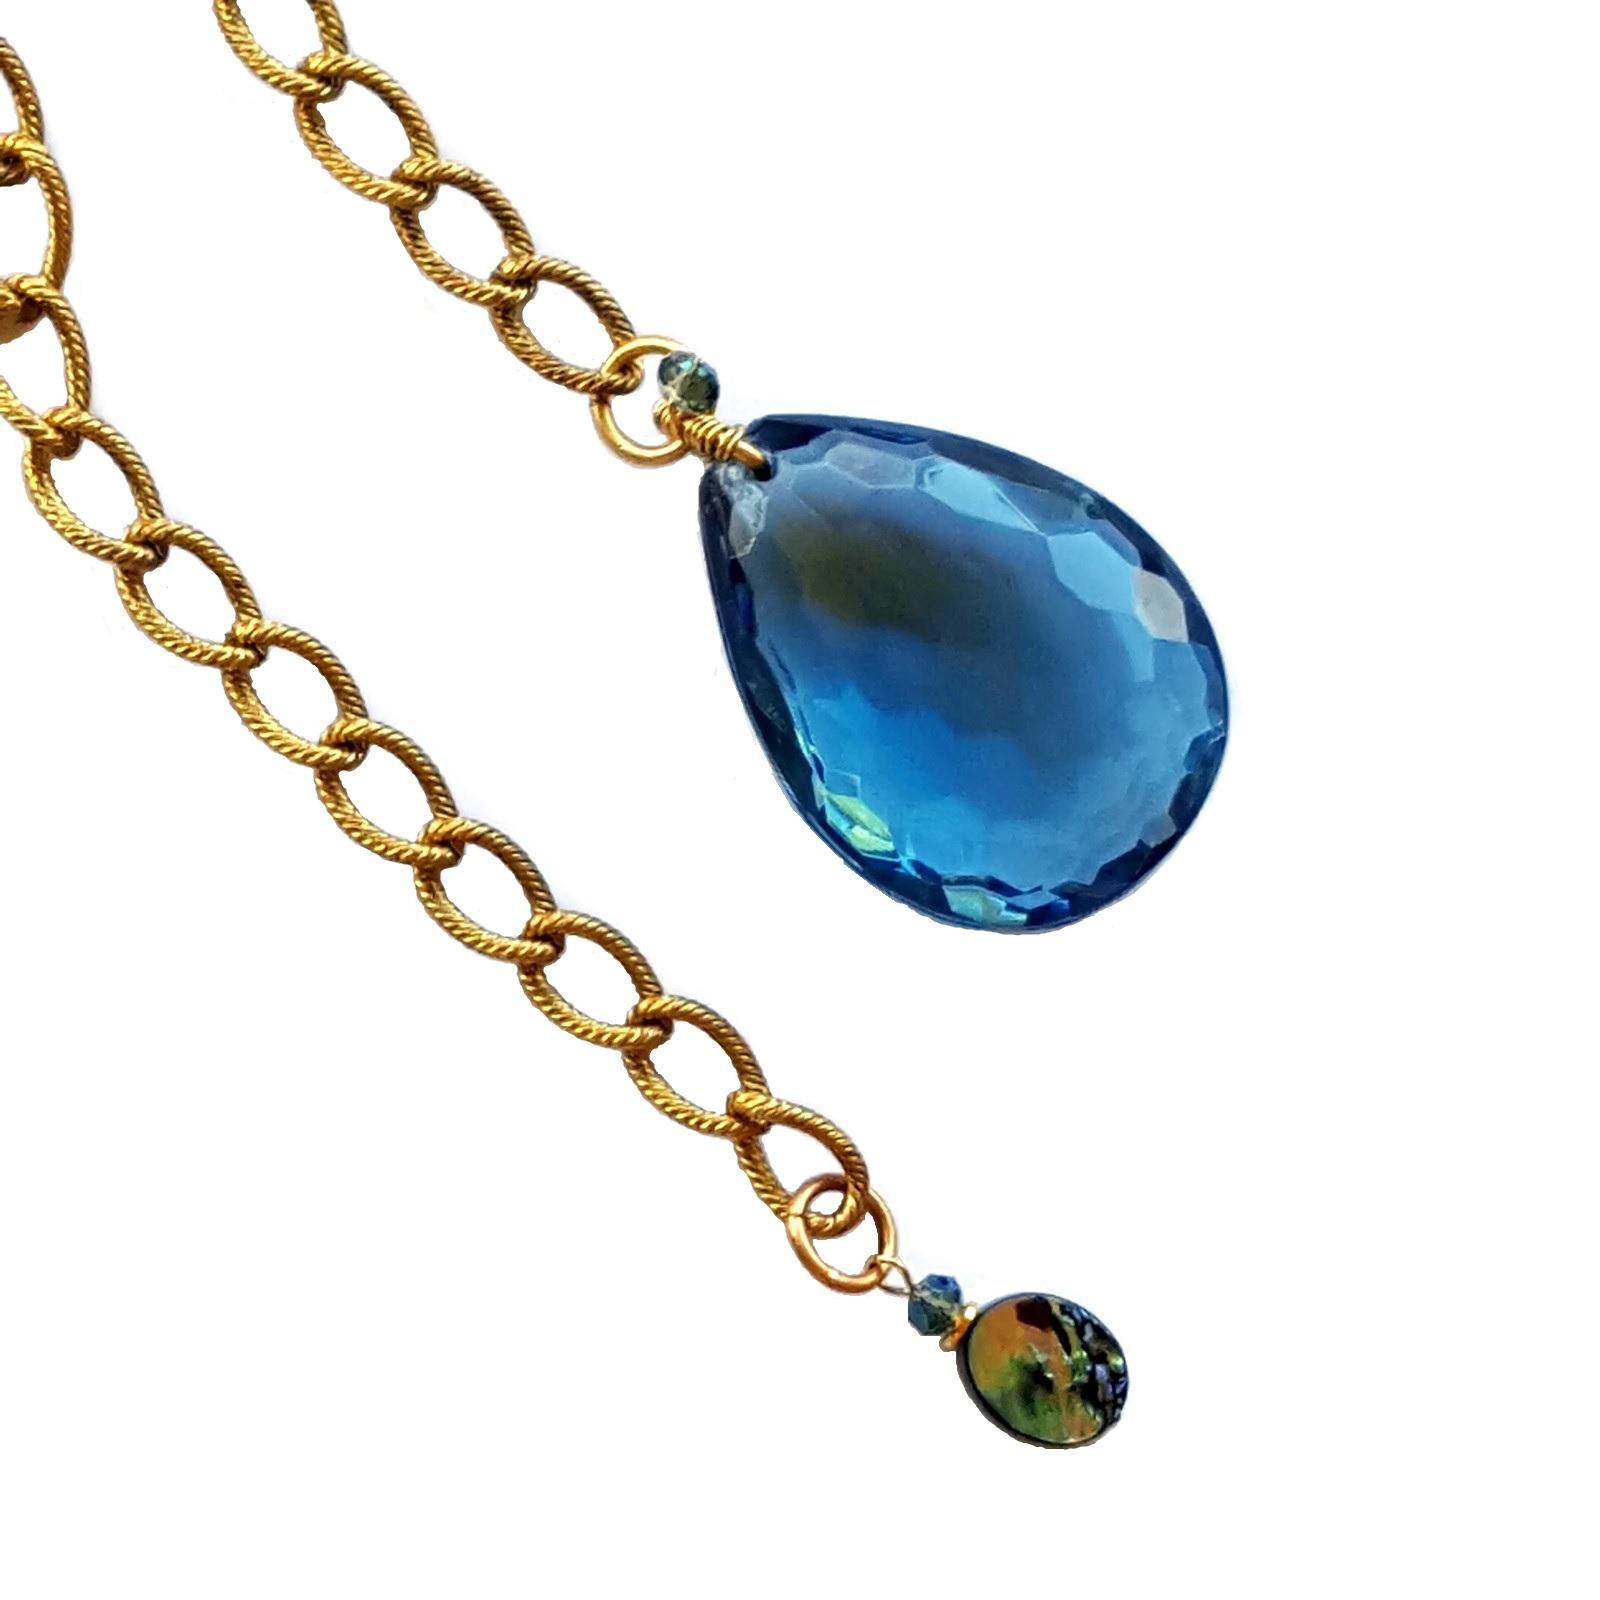 Jules Verne Lariat Necklace Close Up.jpg